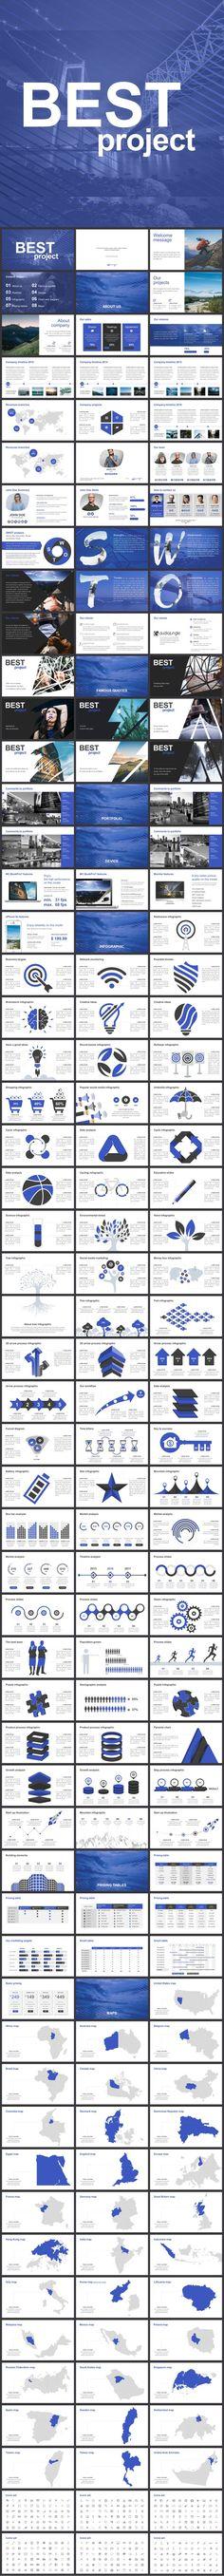 Best Project Google Slides Template - Google Slides Presentation Templates